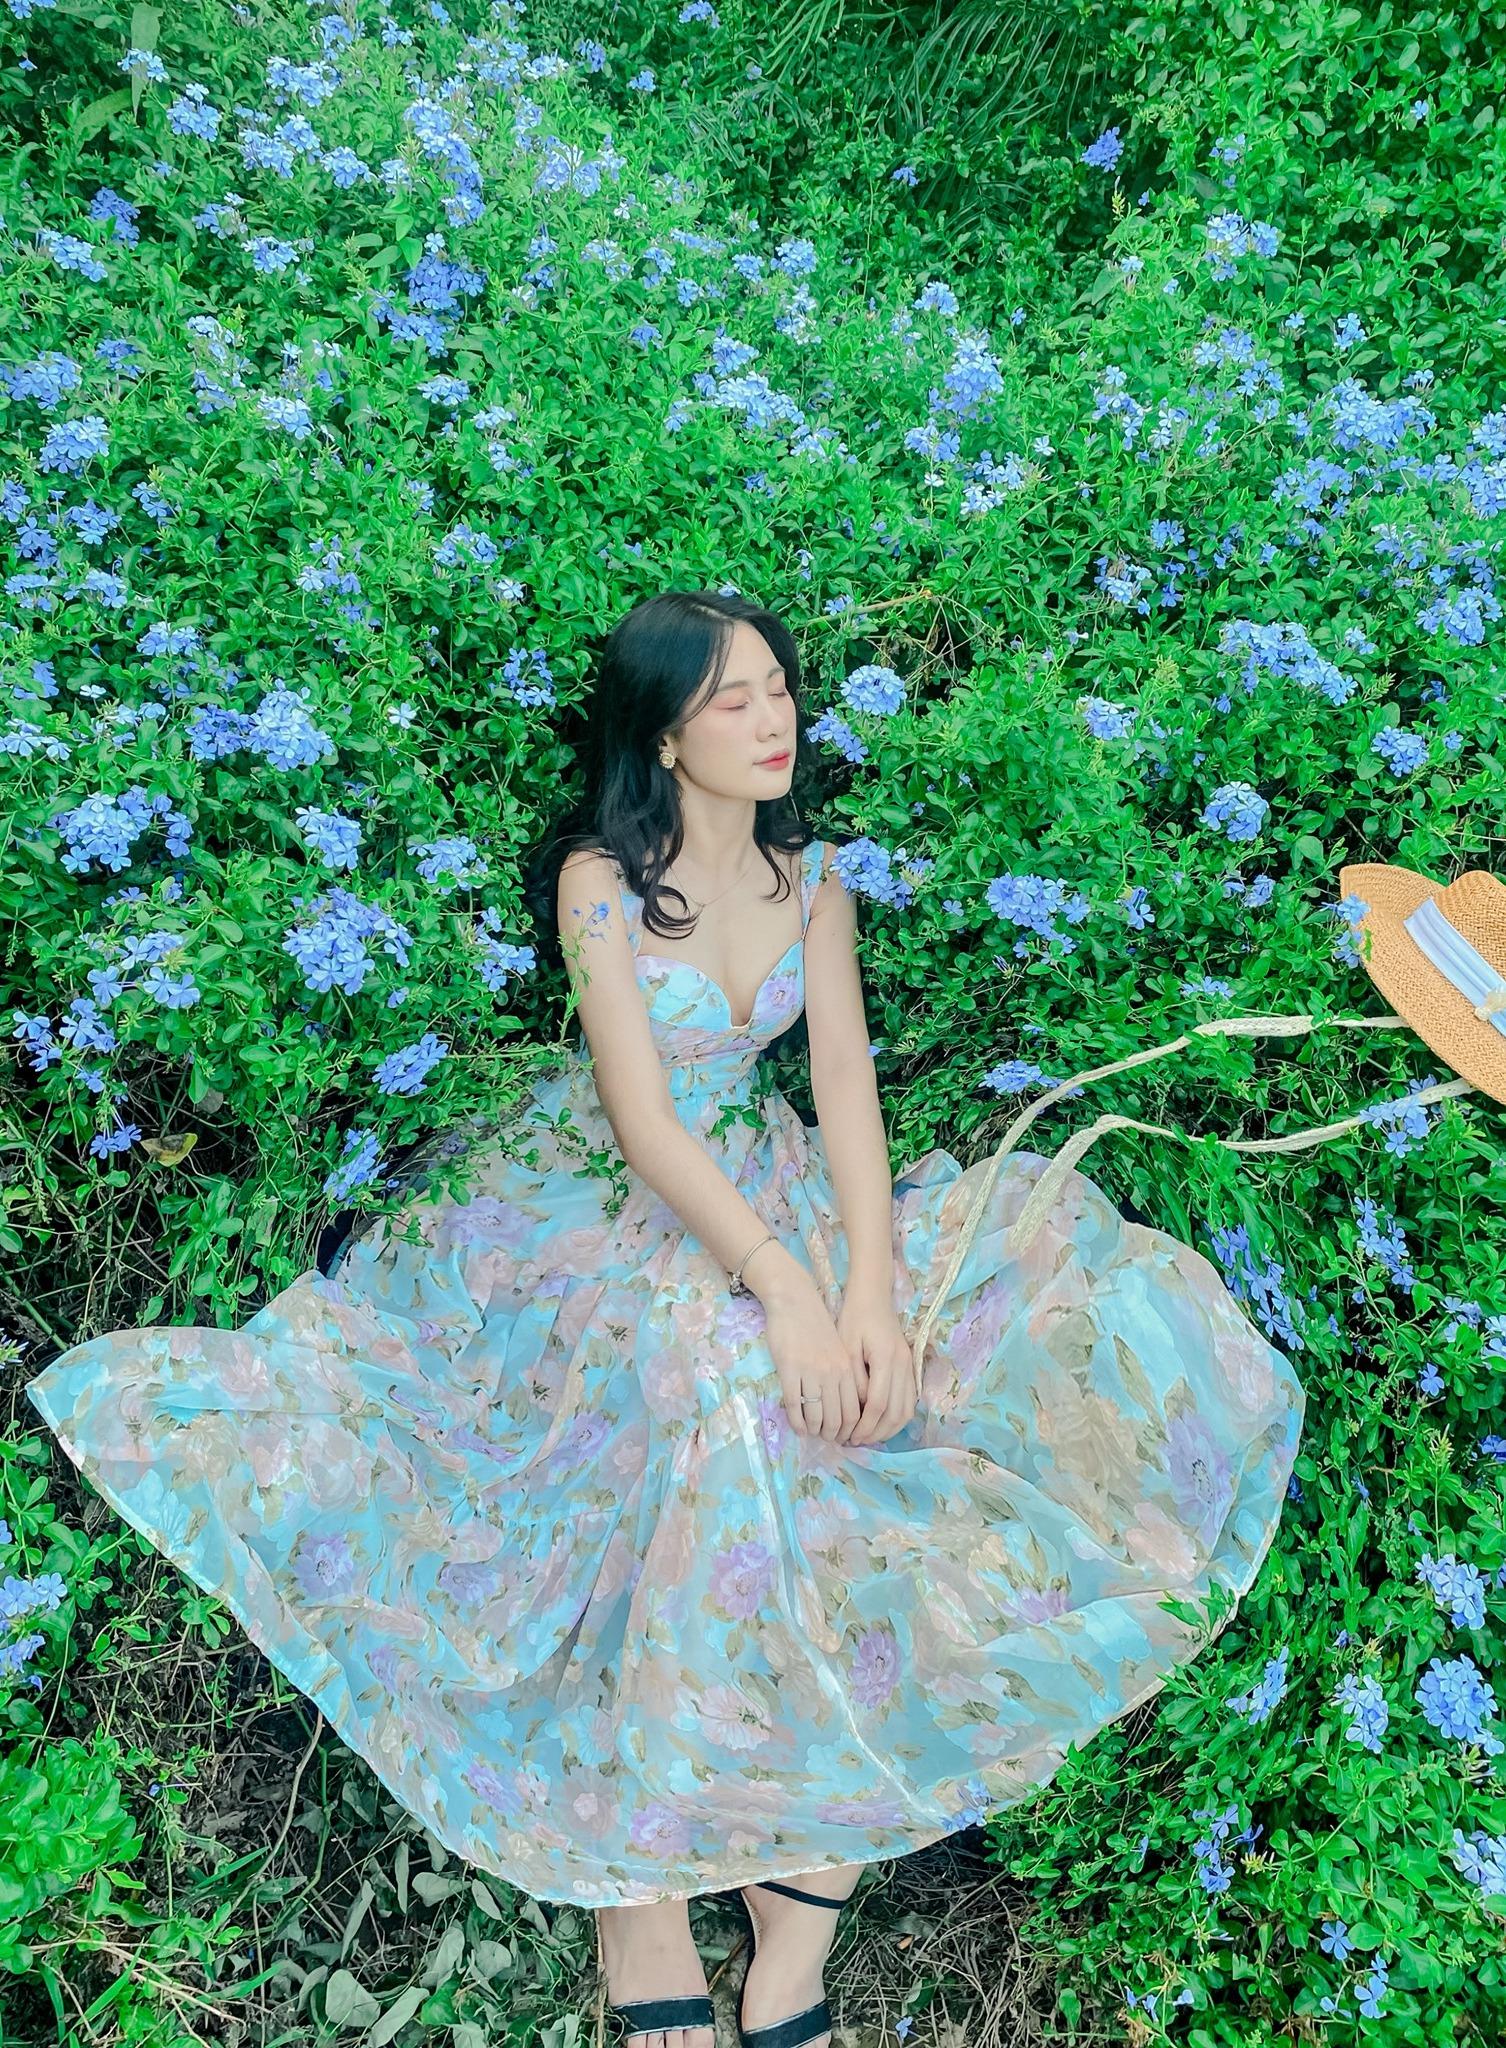 khu vườn đẹp như chốn tiên cảnh giữa lòng Hà Nội